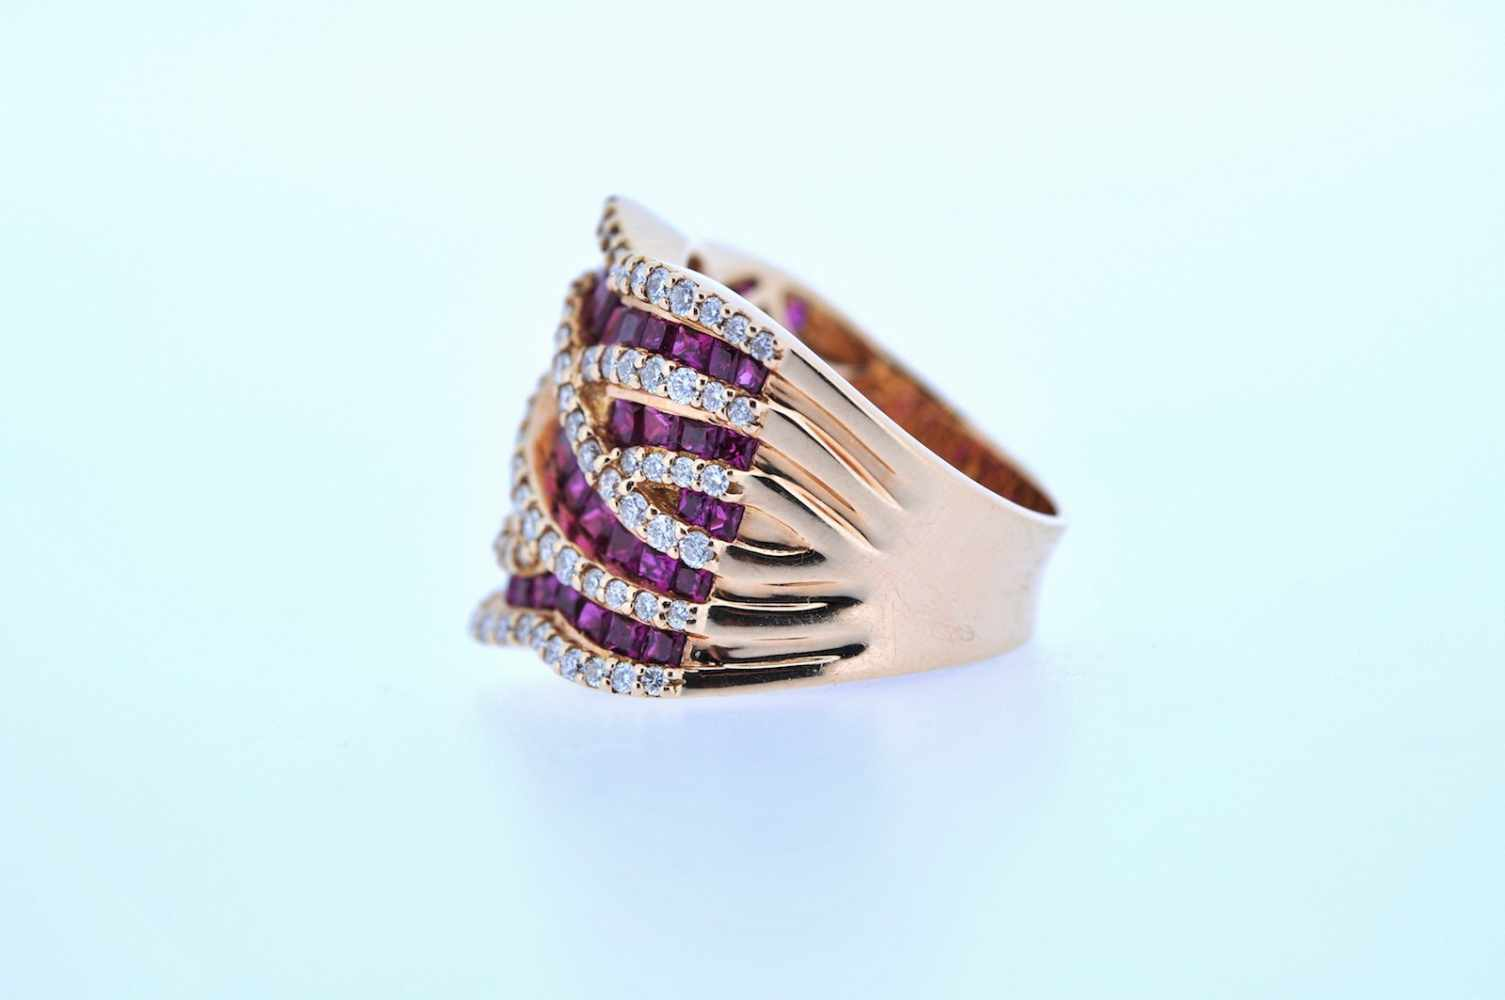 Ring Rotgoldener 18 kt Ring mit Brillanten, zus. ca. 1,37 ct und Rubinen, zus.ca. 4,87 ct, Ringweite - Bild 2 aus 3